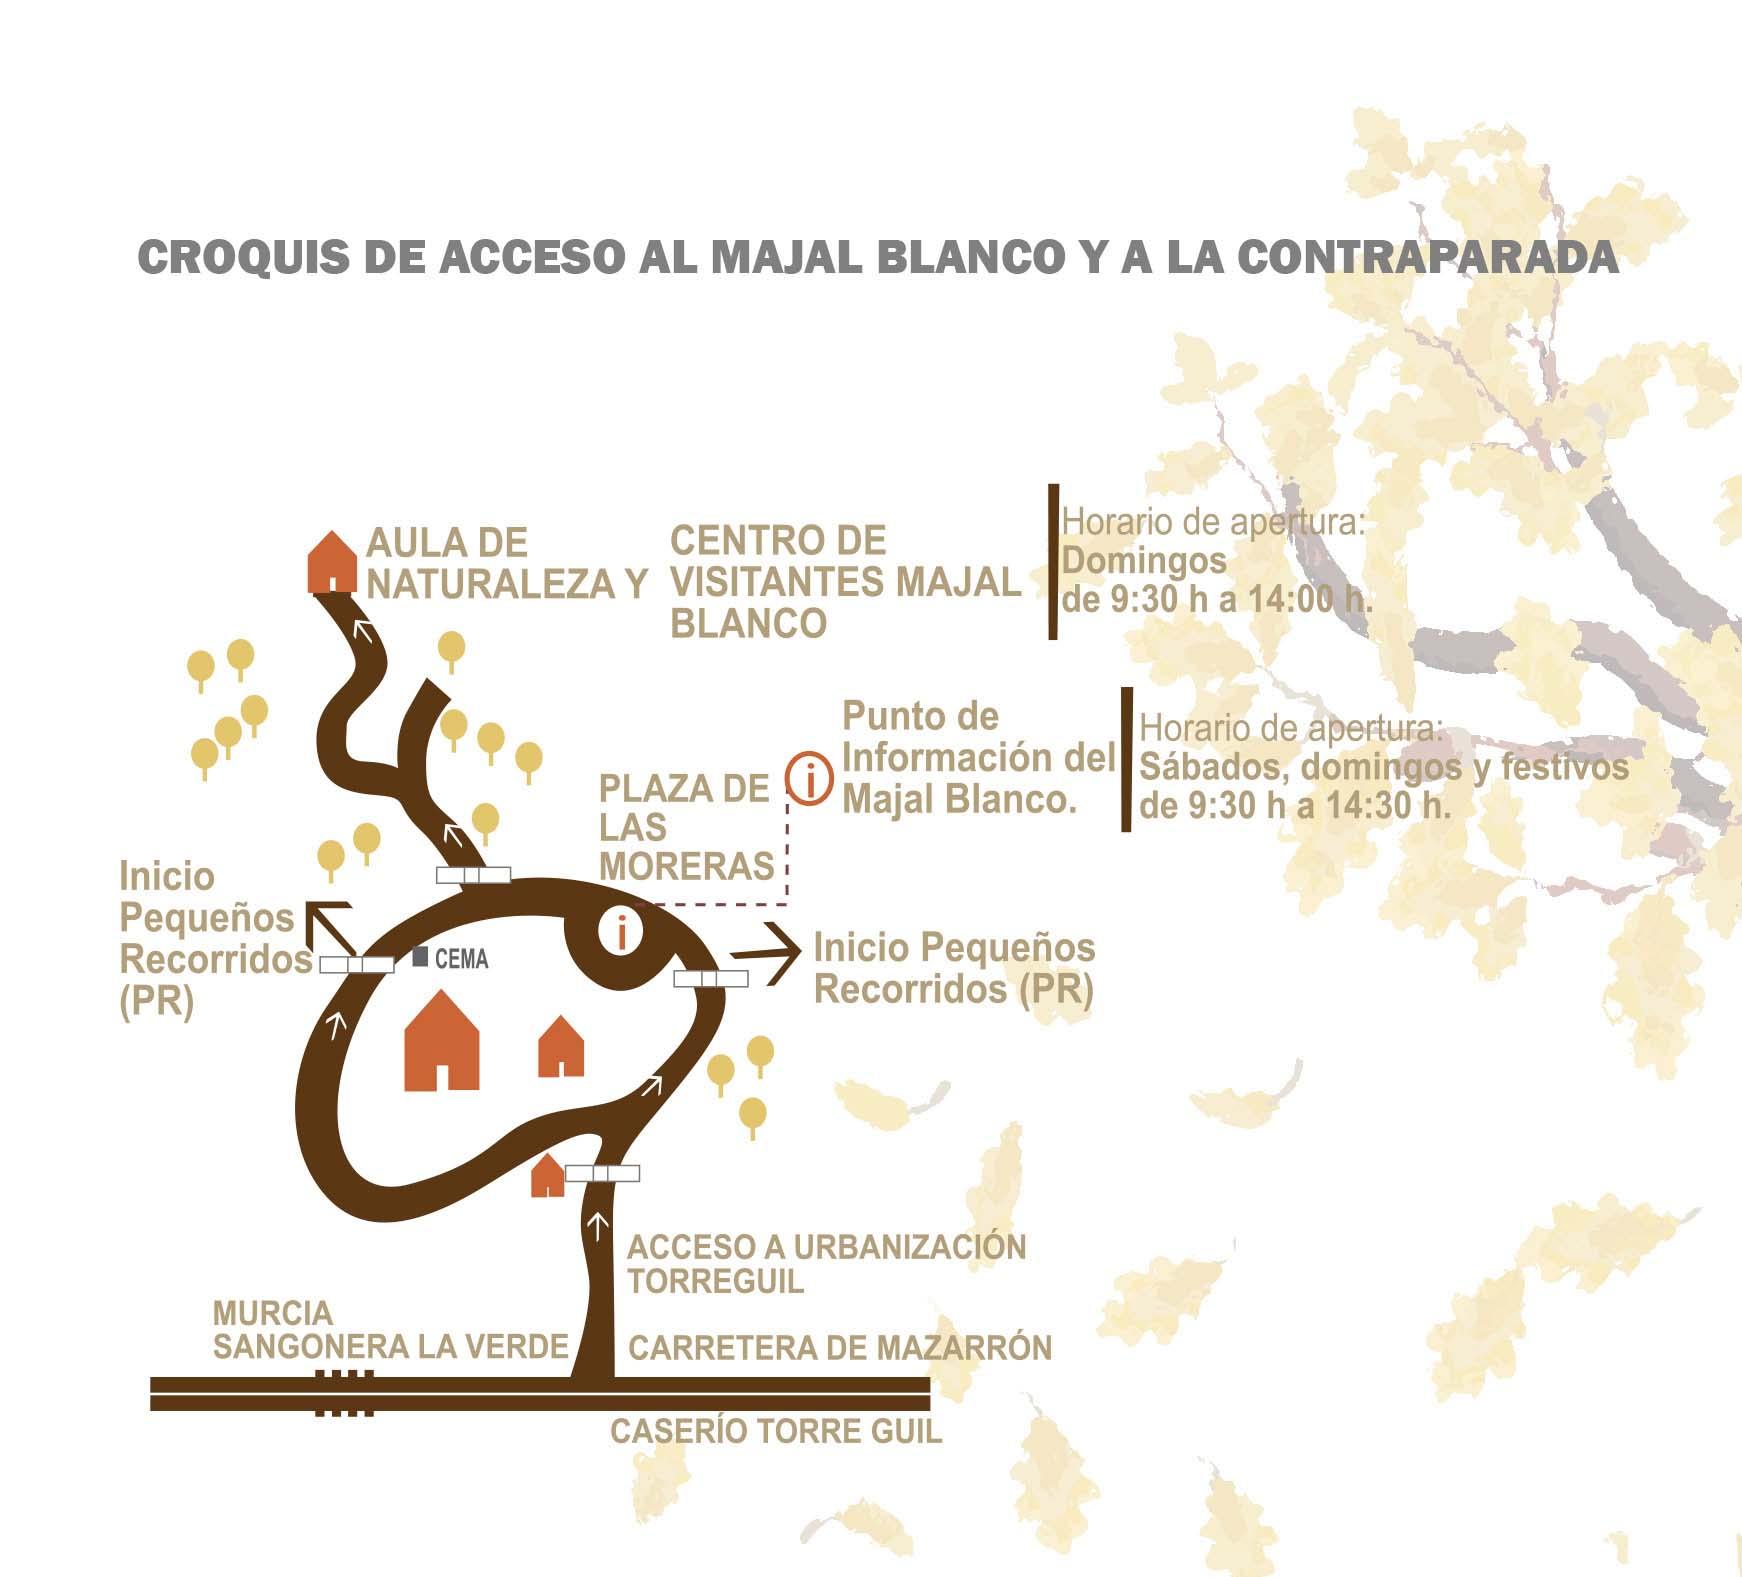 Croquis de acceso al Majal Blanco. Ayto. de Murcia